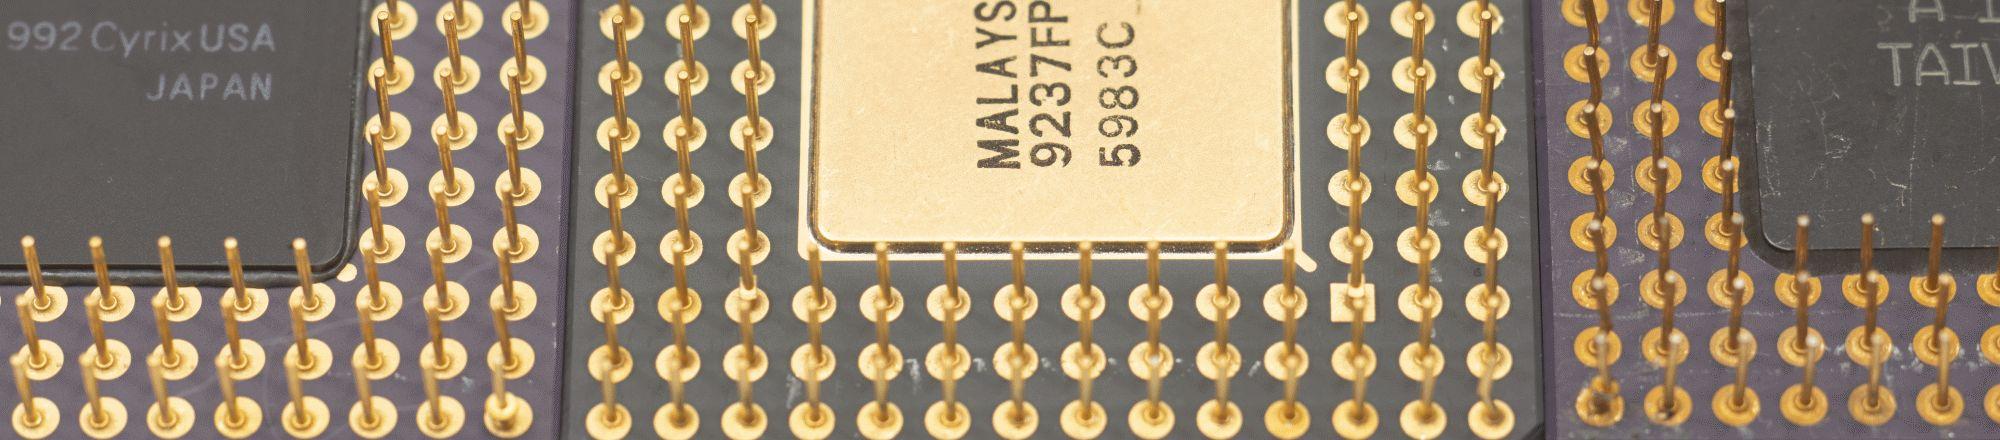 Древности: беспощадный апгрейд 386-го компьютера - 1